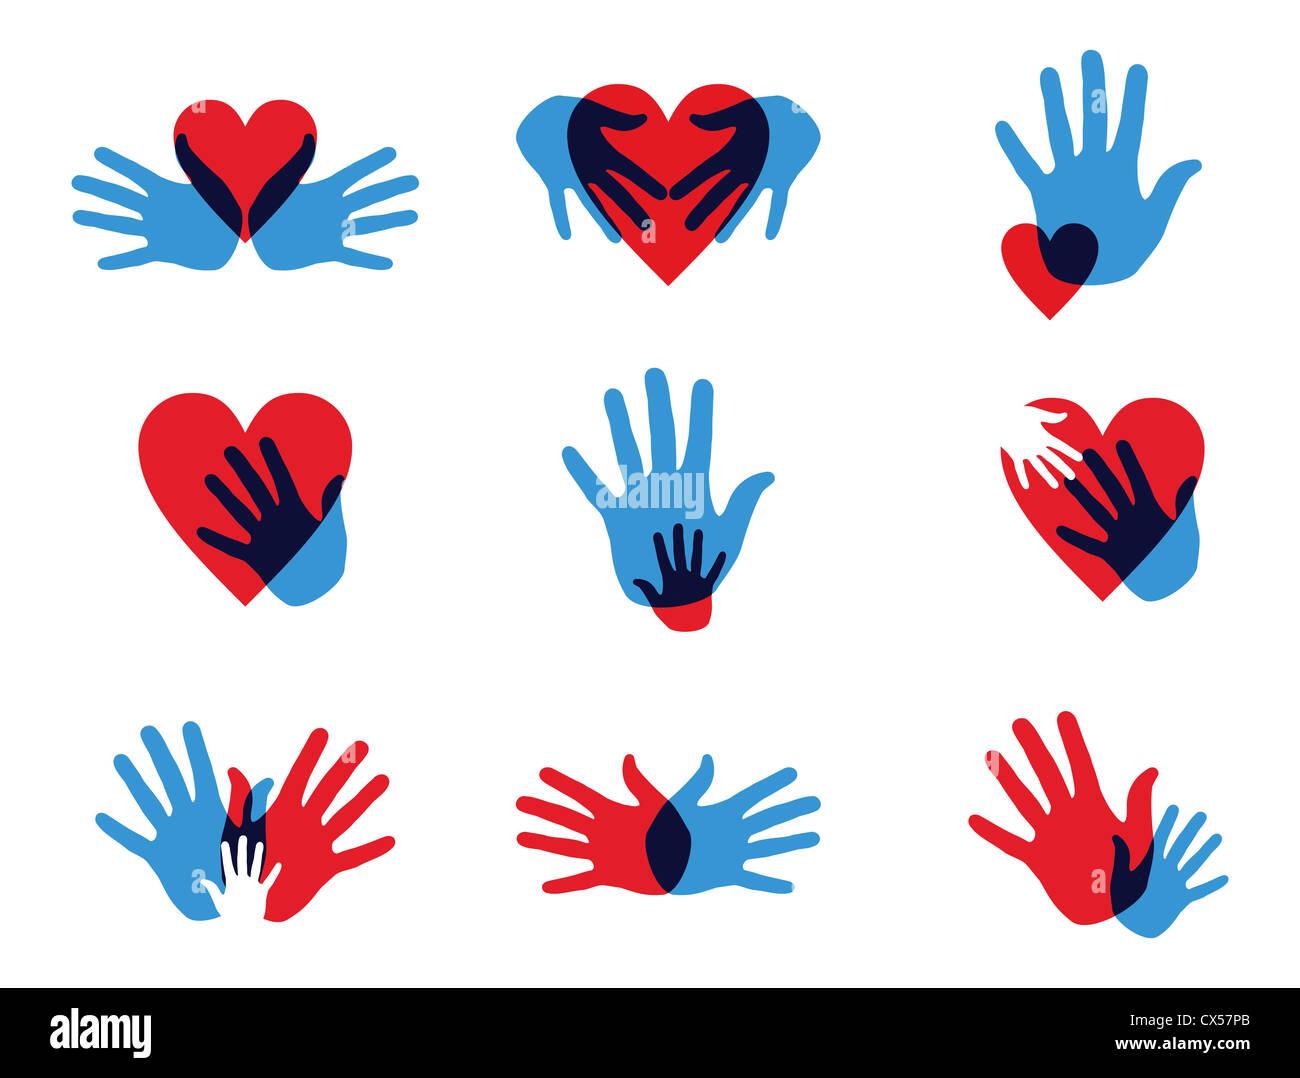 Multicolor diversidad creativa manos conjunto de iconos. Ilustración vectorial para capas de fácil manipulación Imagen De Stock